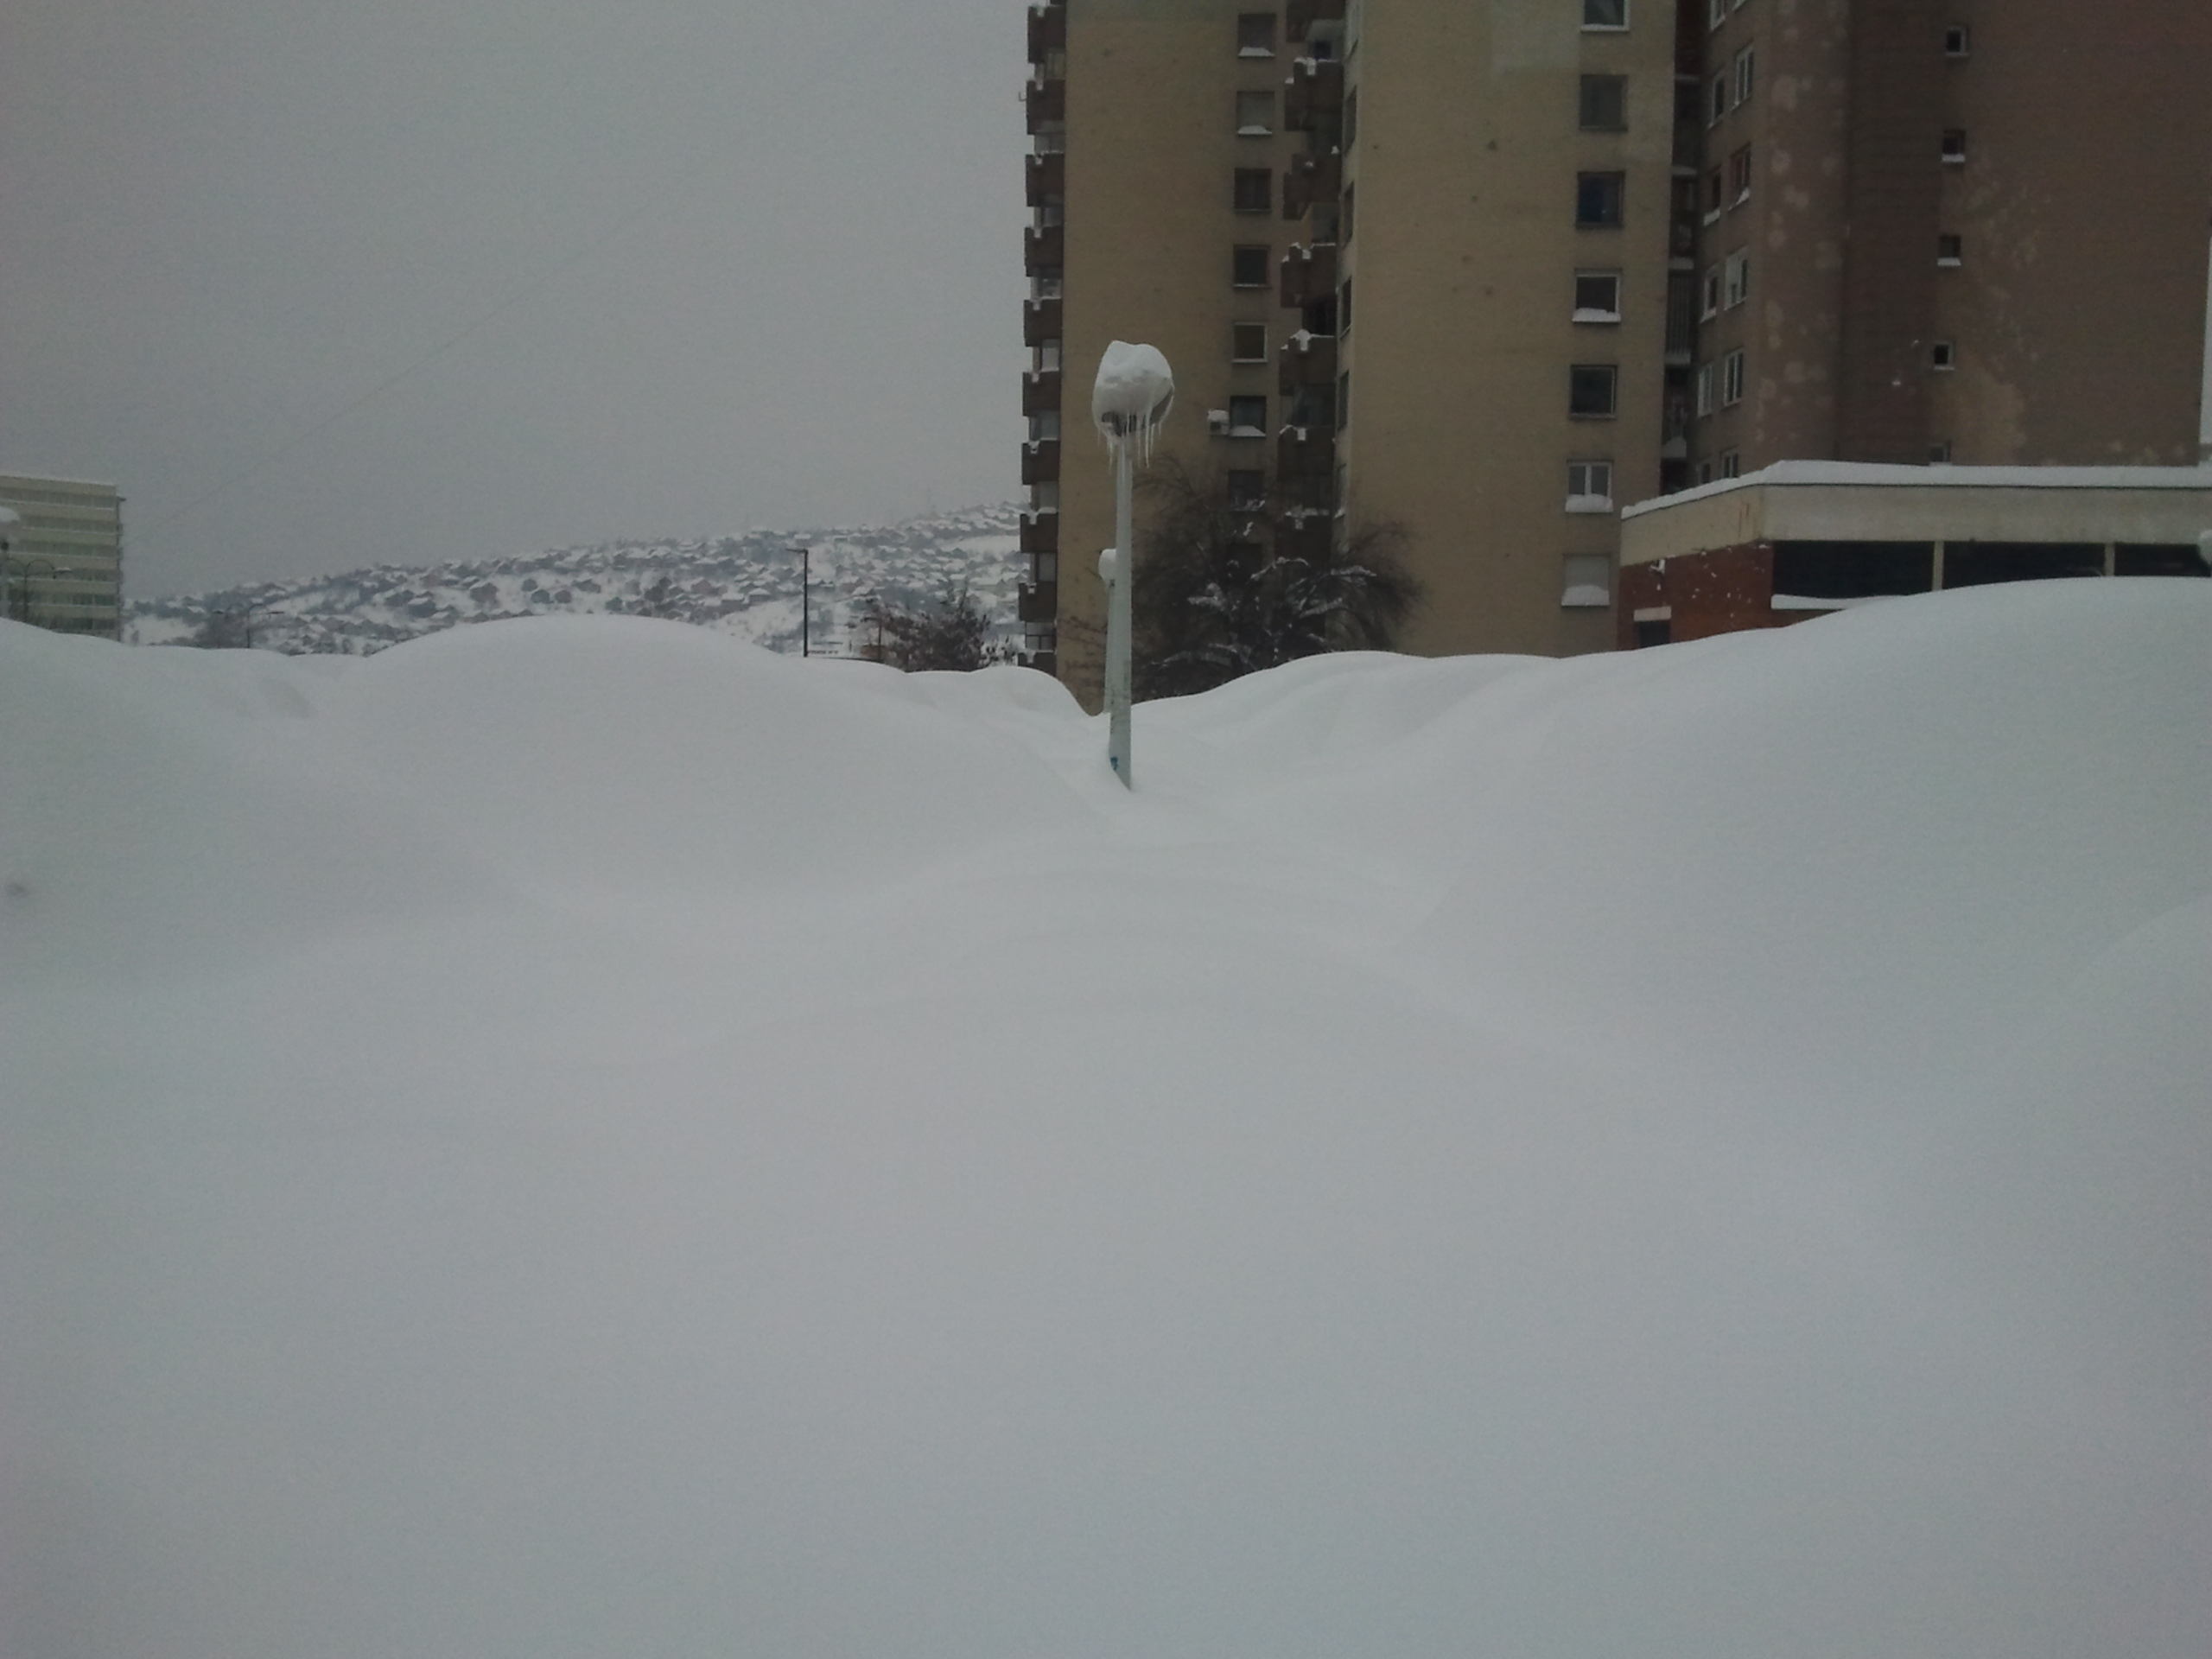 neige_sarajevo10.jpg